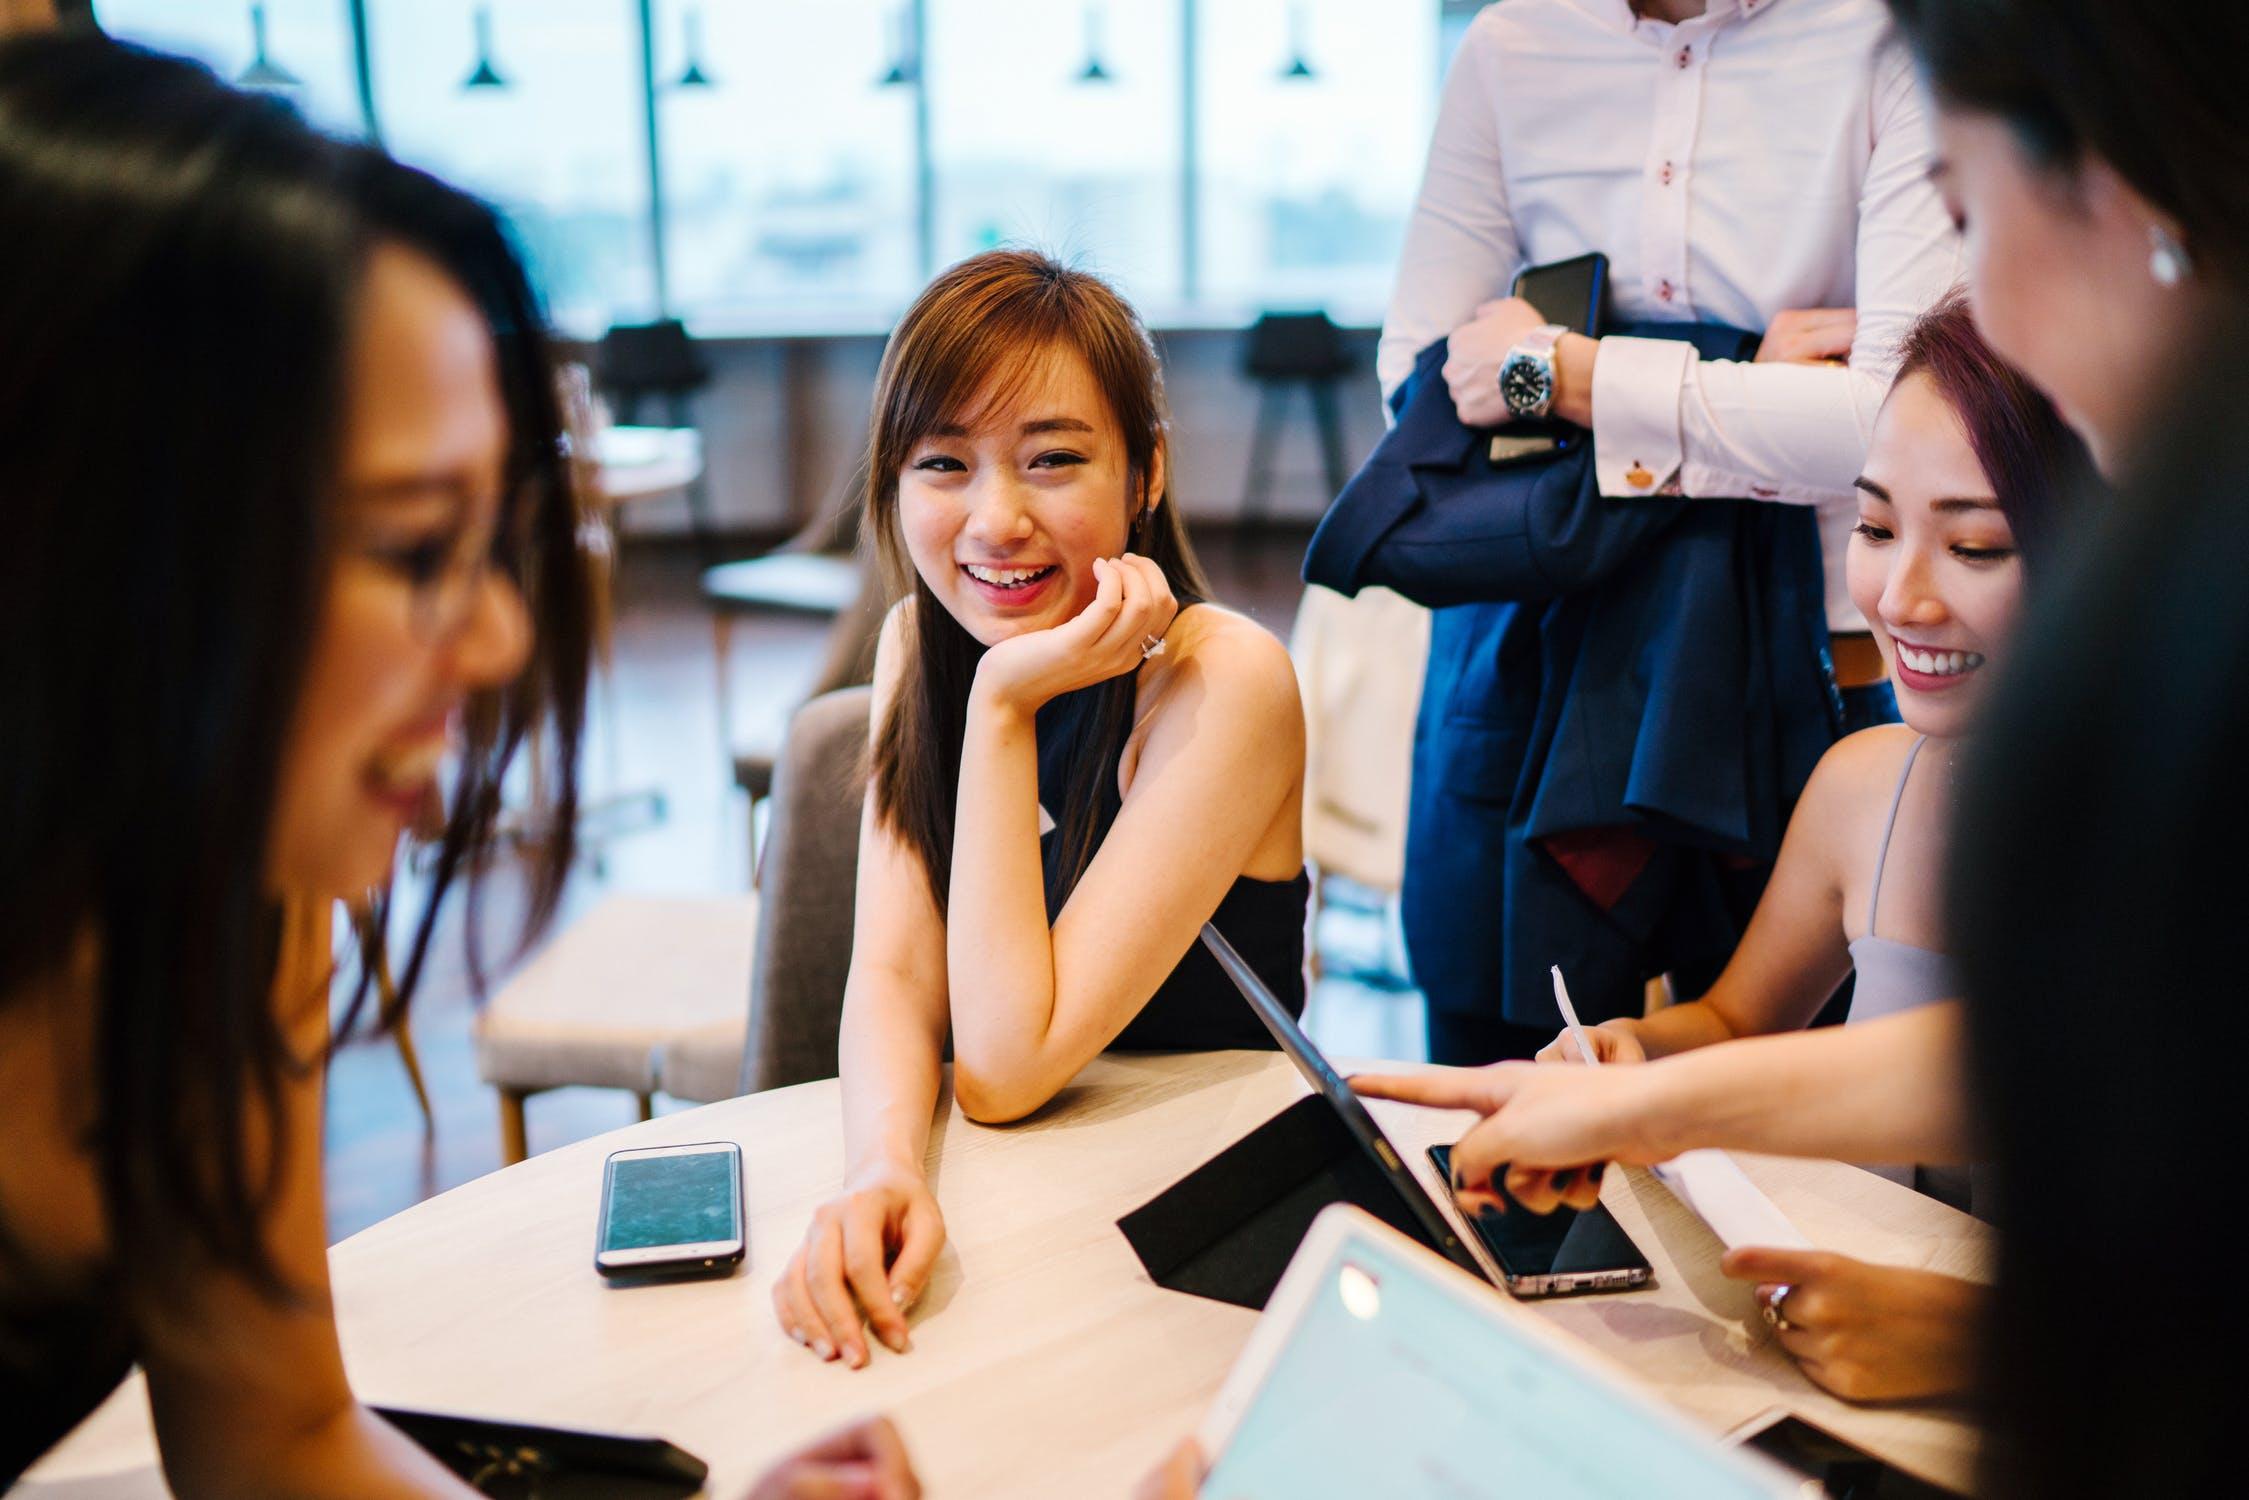 「会社で海外案件に携わる方法紹介!世界で活躍したいサラリーマン必見」のアイキャッチ画像